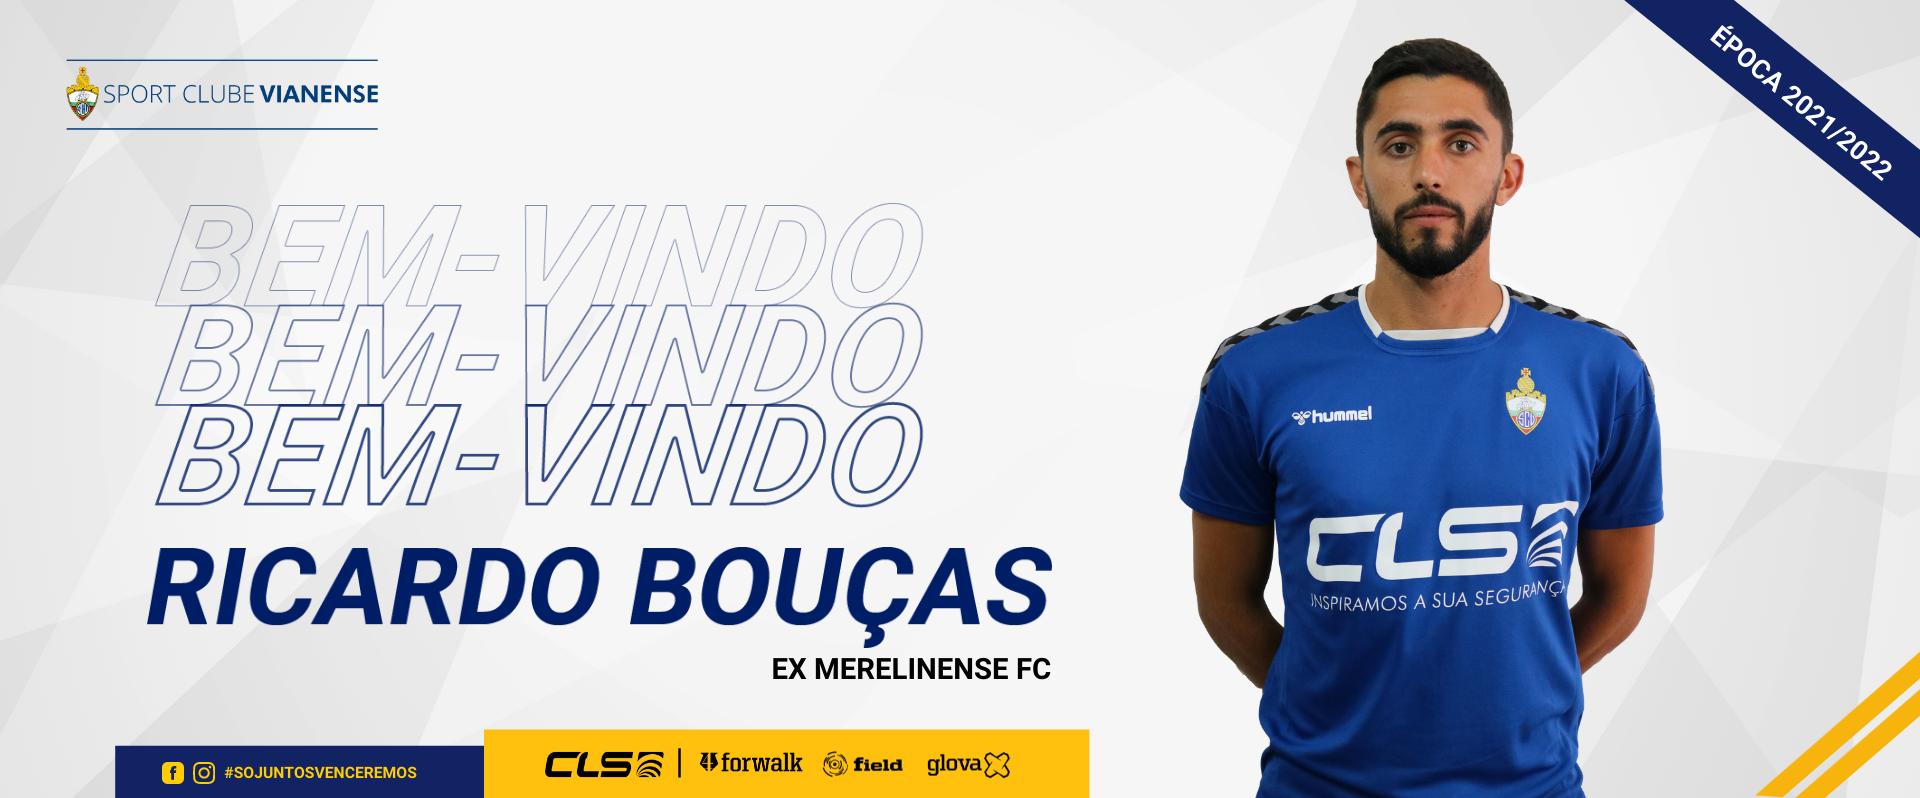 Ricardo Bouças está de volta